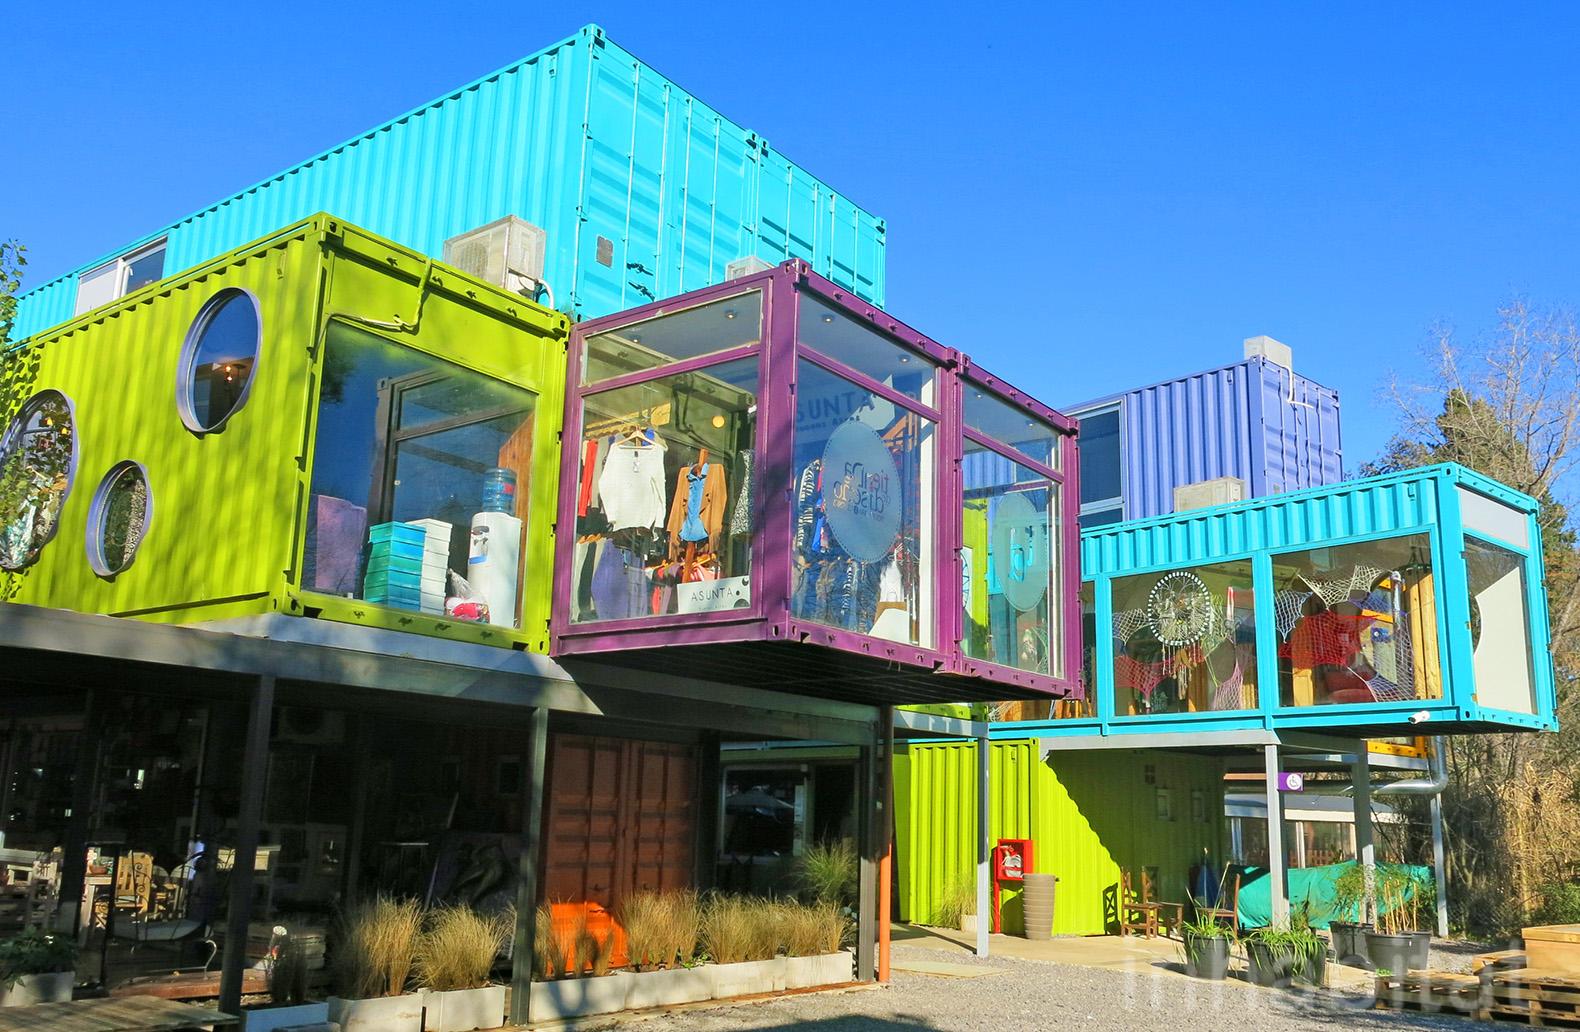 магазин направен от морски контейнер